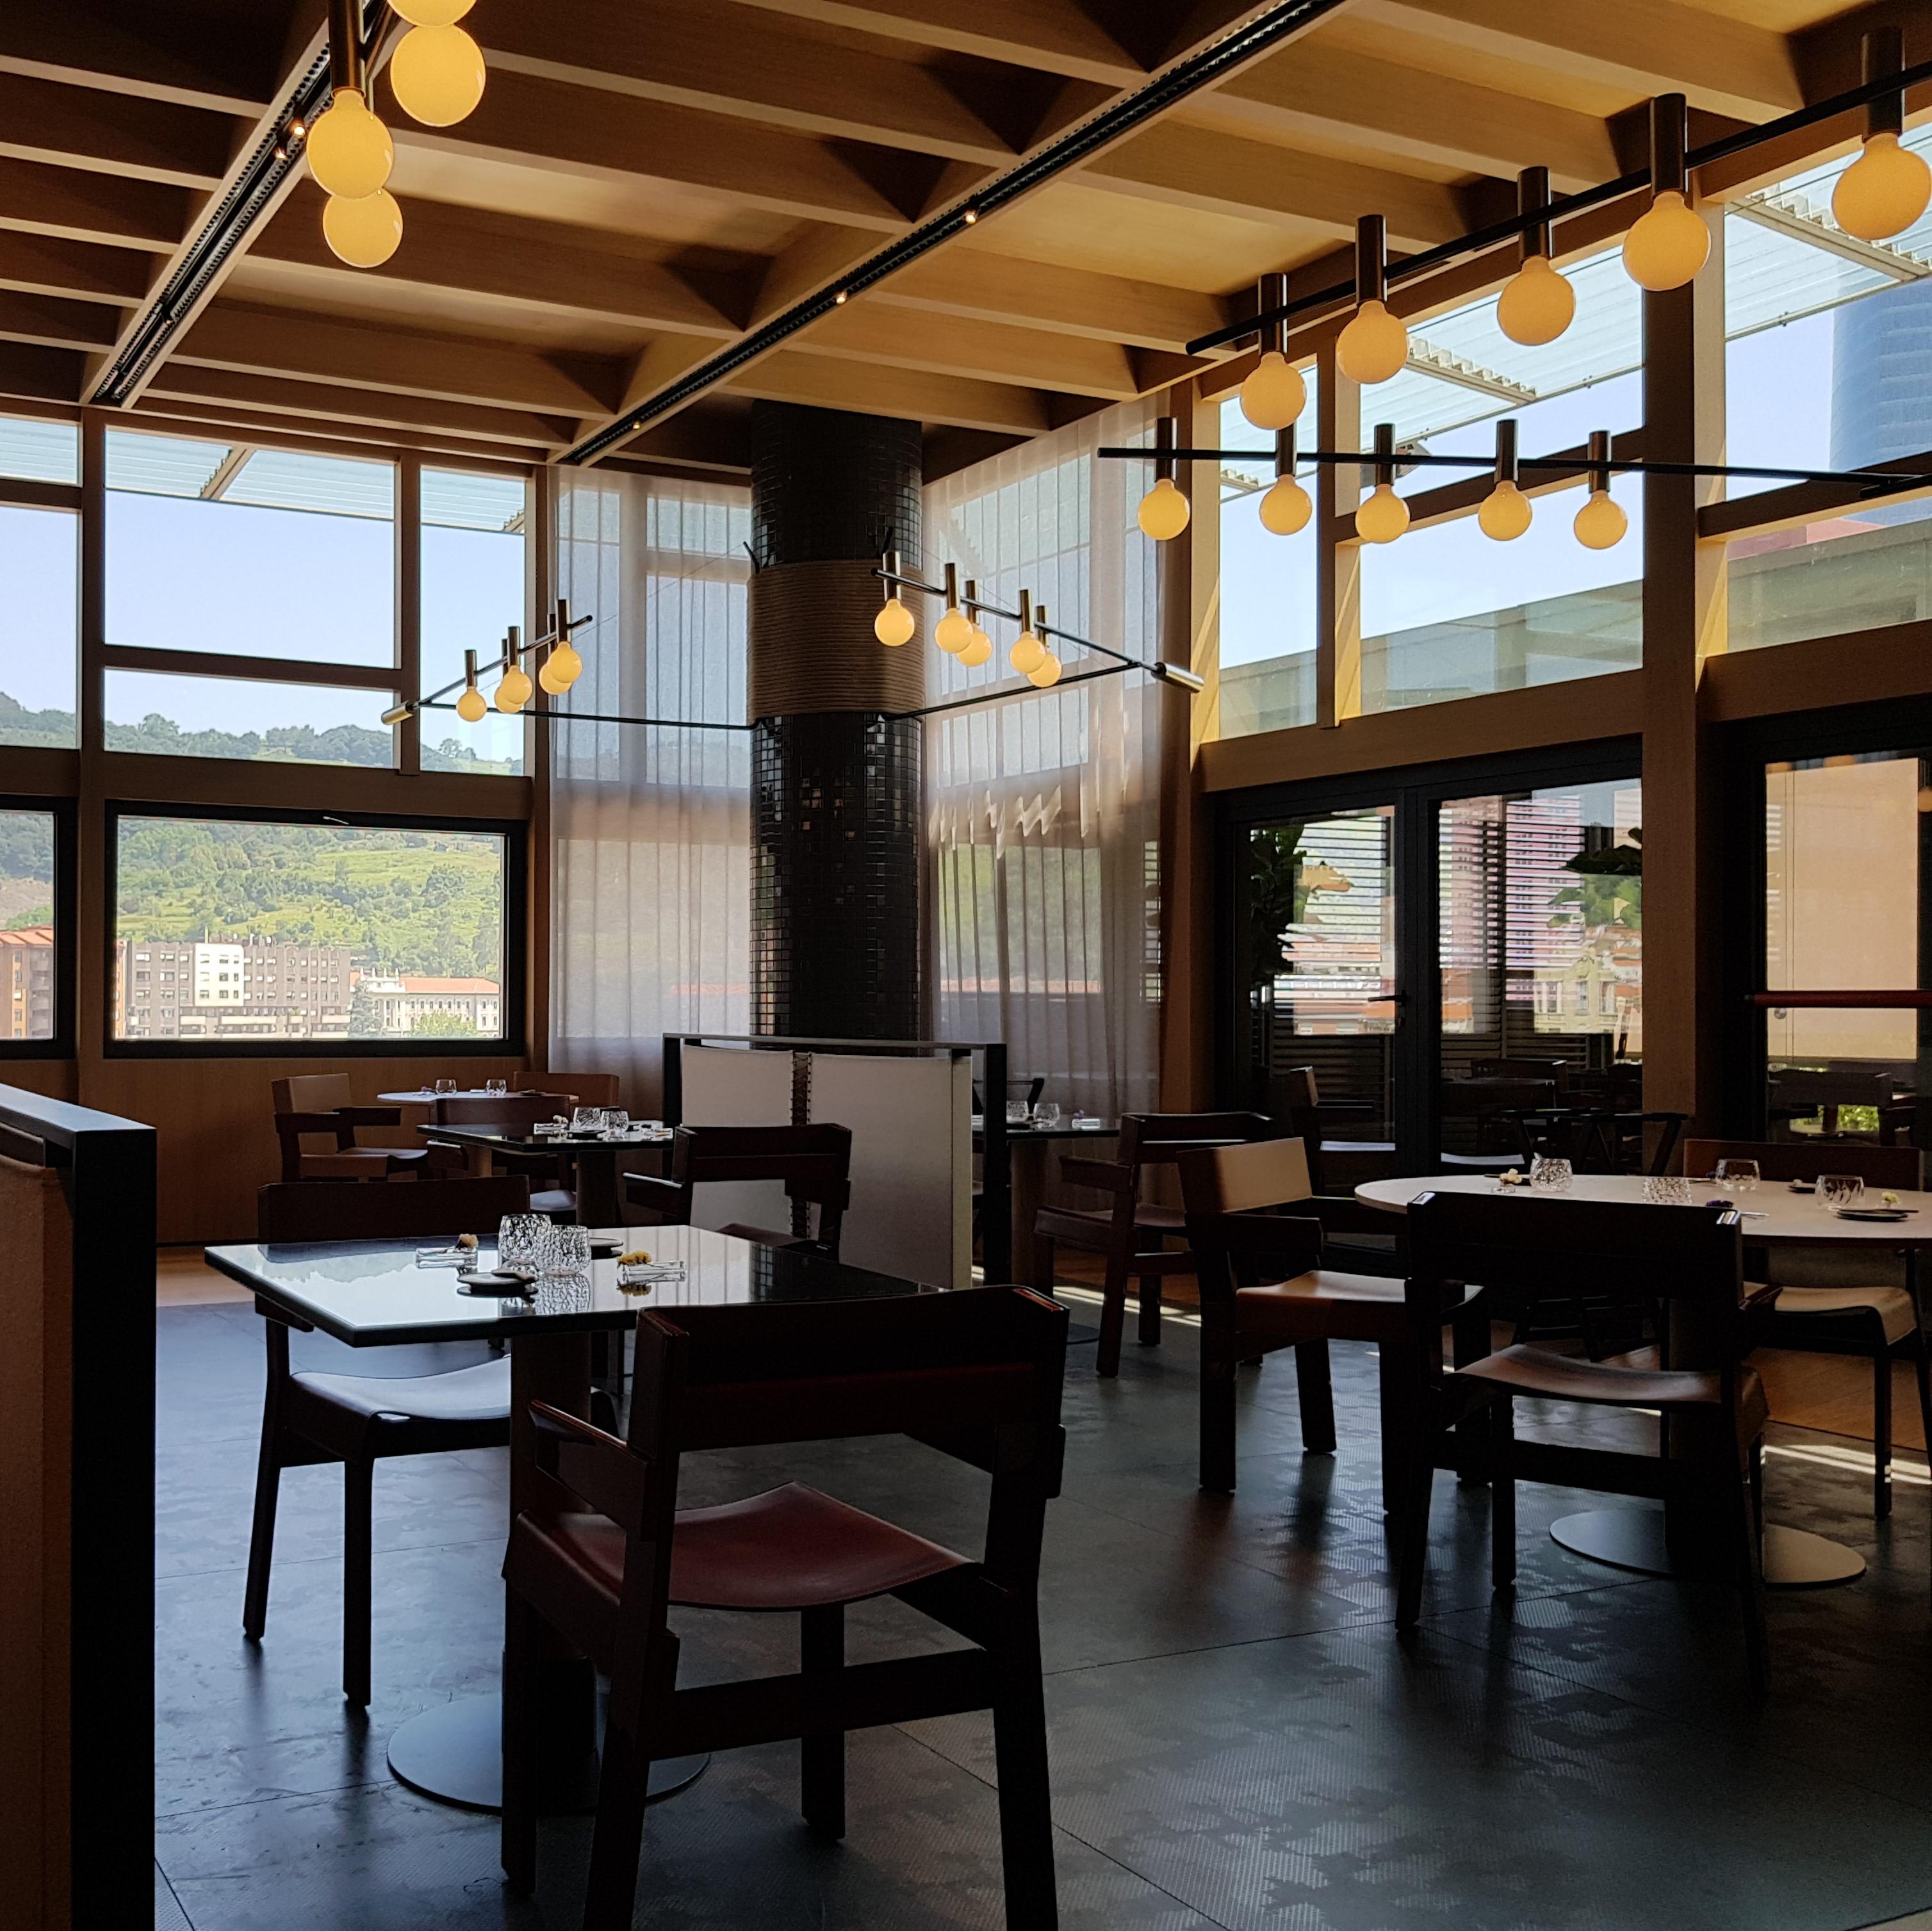 Lámparas colgantes de diseño en el restaurante eneko bilbao patricia urquiola